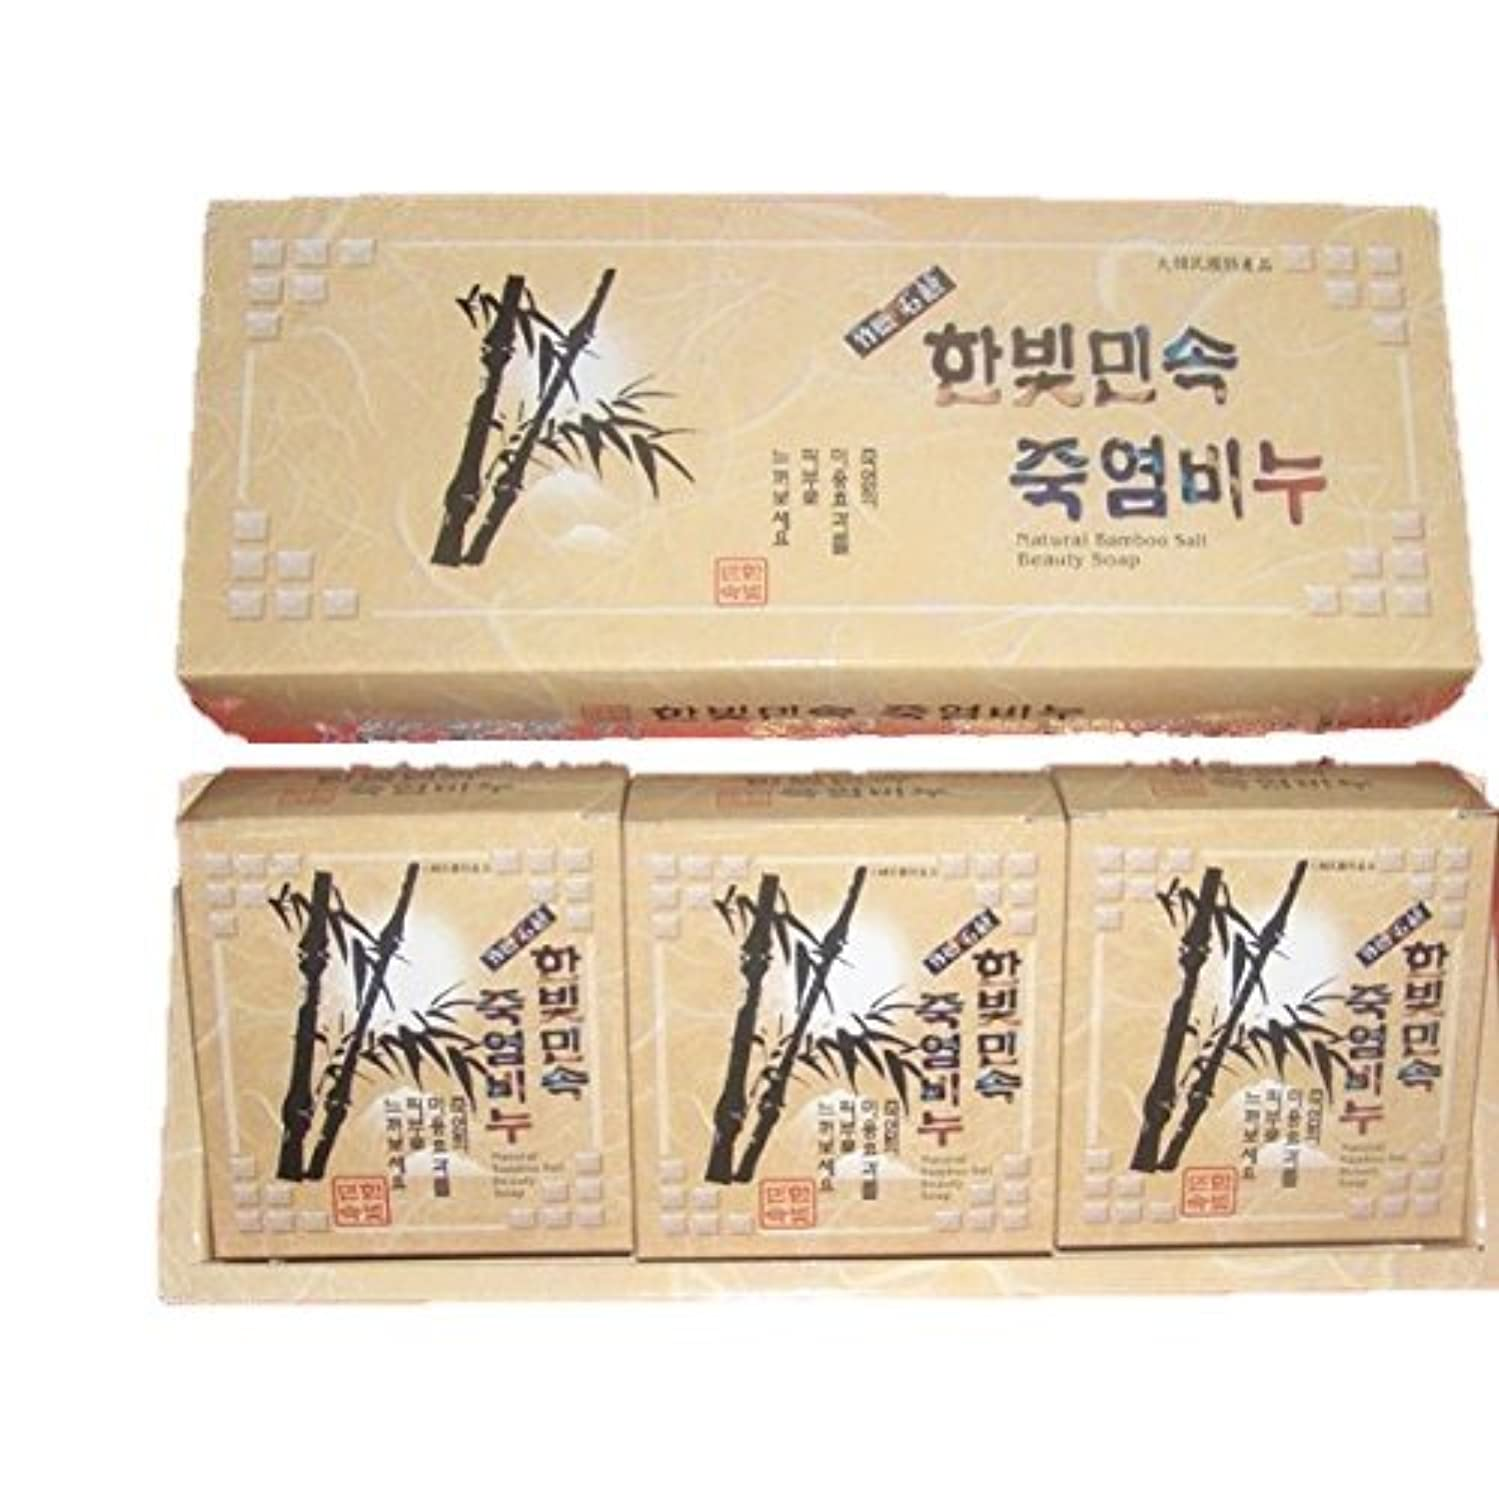 終了する階保安(韓国ブランド) 竹塩石鹸 (3個×3セット)